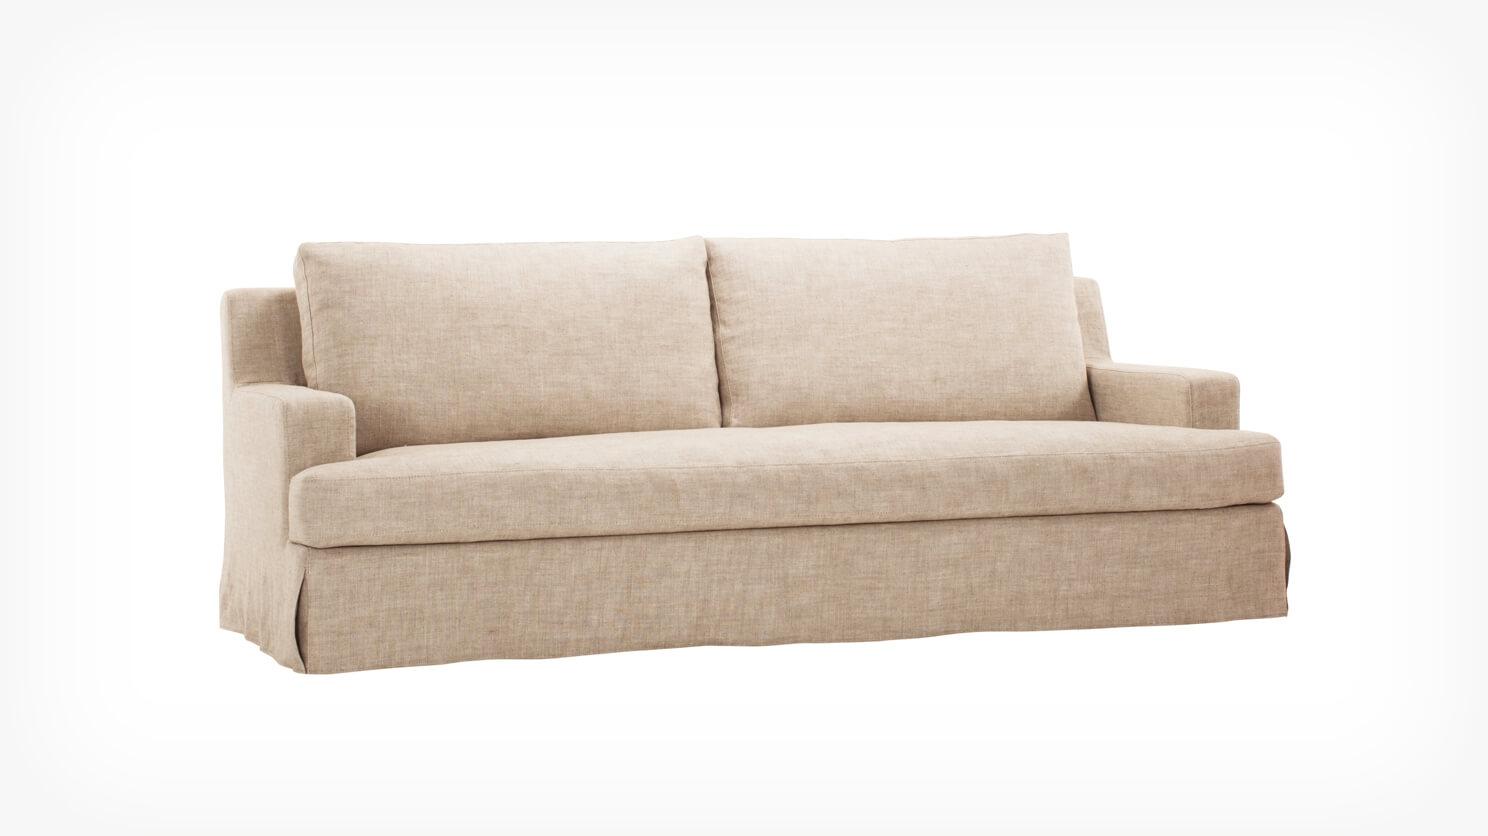 custom made slipcovers for sofas canada ciao sofa designs blanche slipcover eq3